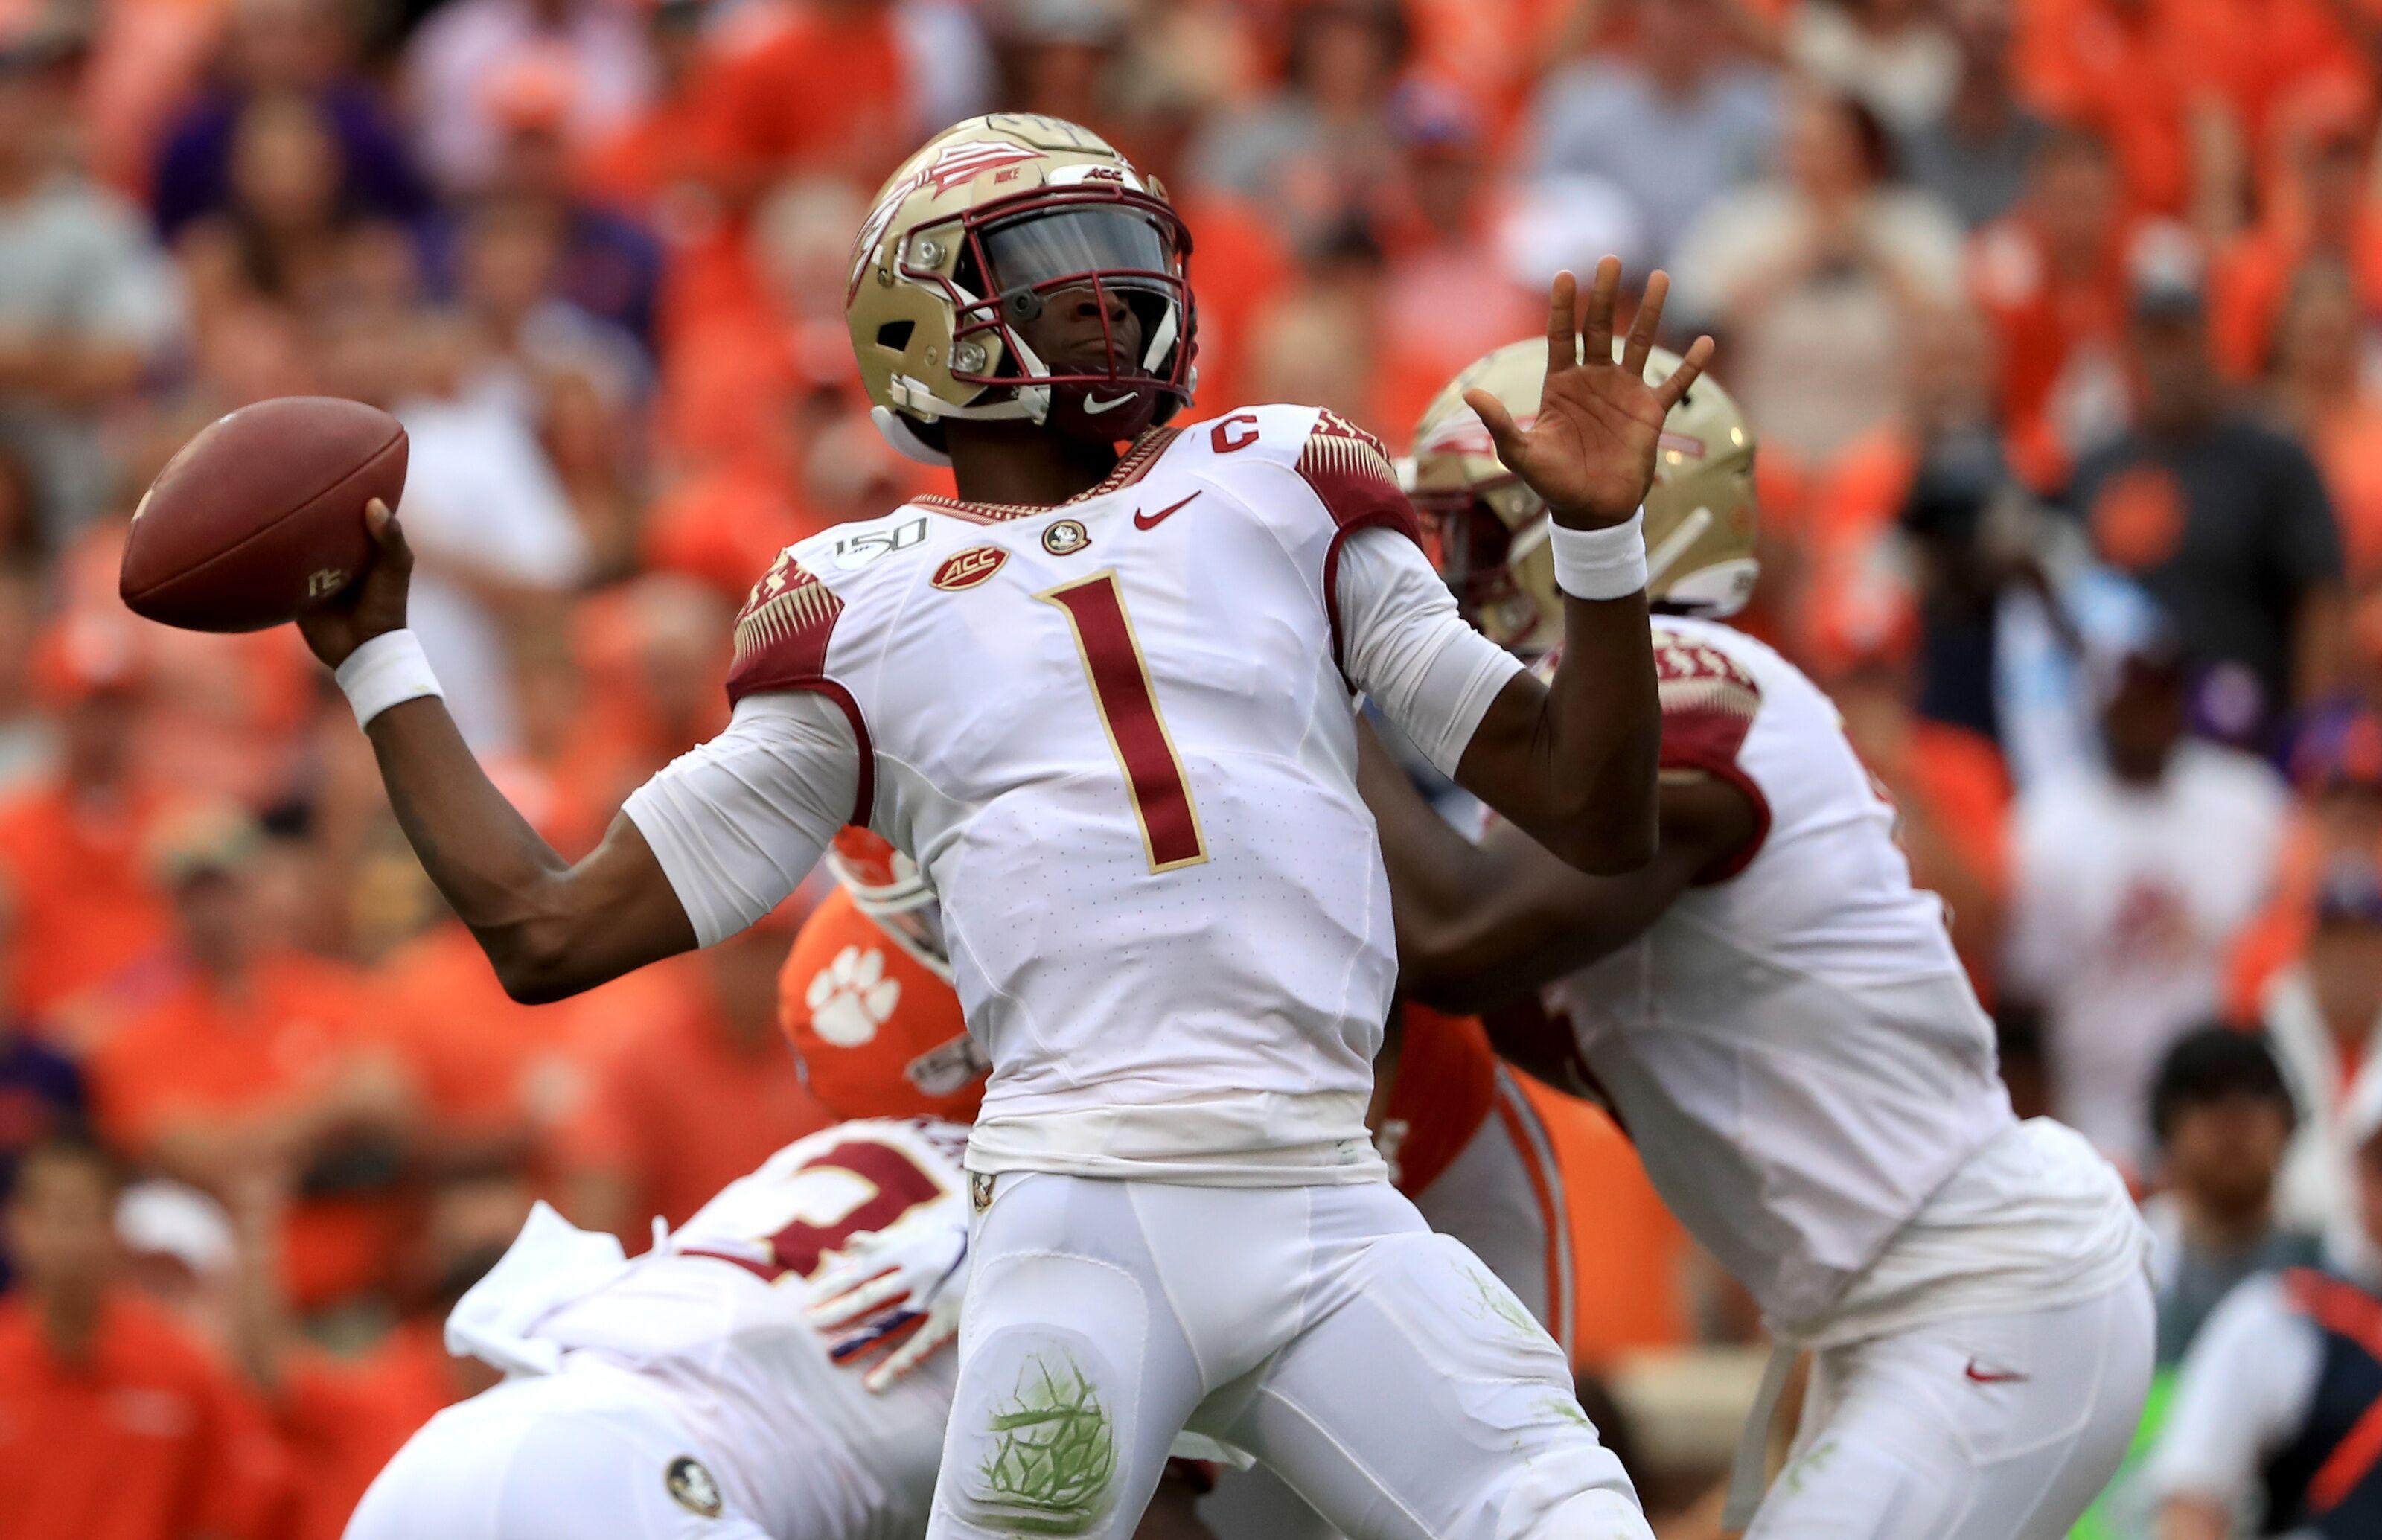 Syracuse football is major underdog vs Florida State in Week 9